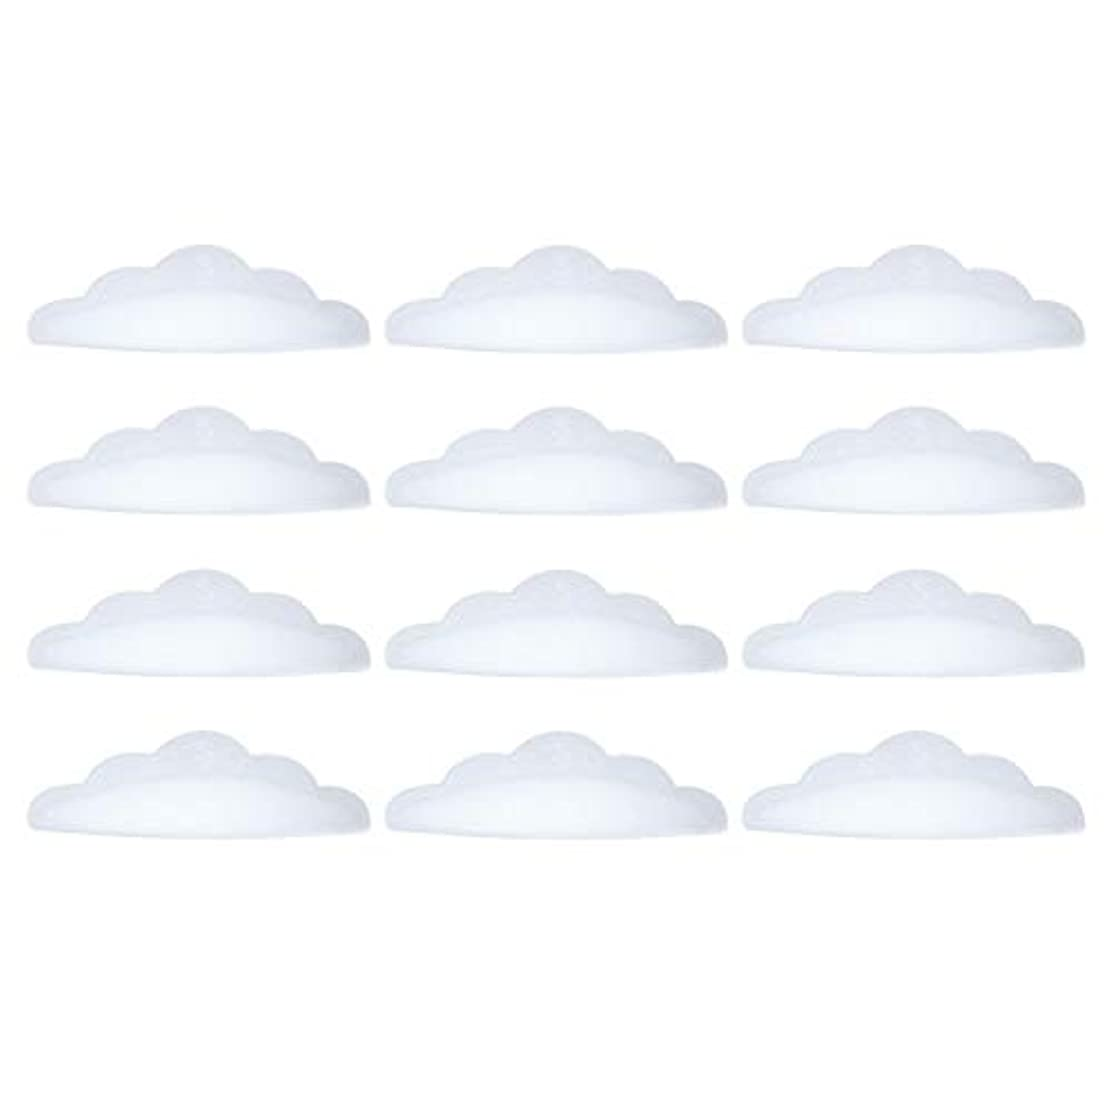 影顕著有効化Migavan 9ペア シリコーンまつげパッド まつげパーマパッド防水シリコーンまつげパーマカーラーシールドパッドアイラッシュリフトホルダー